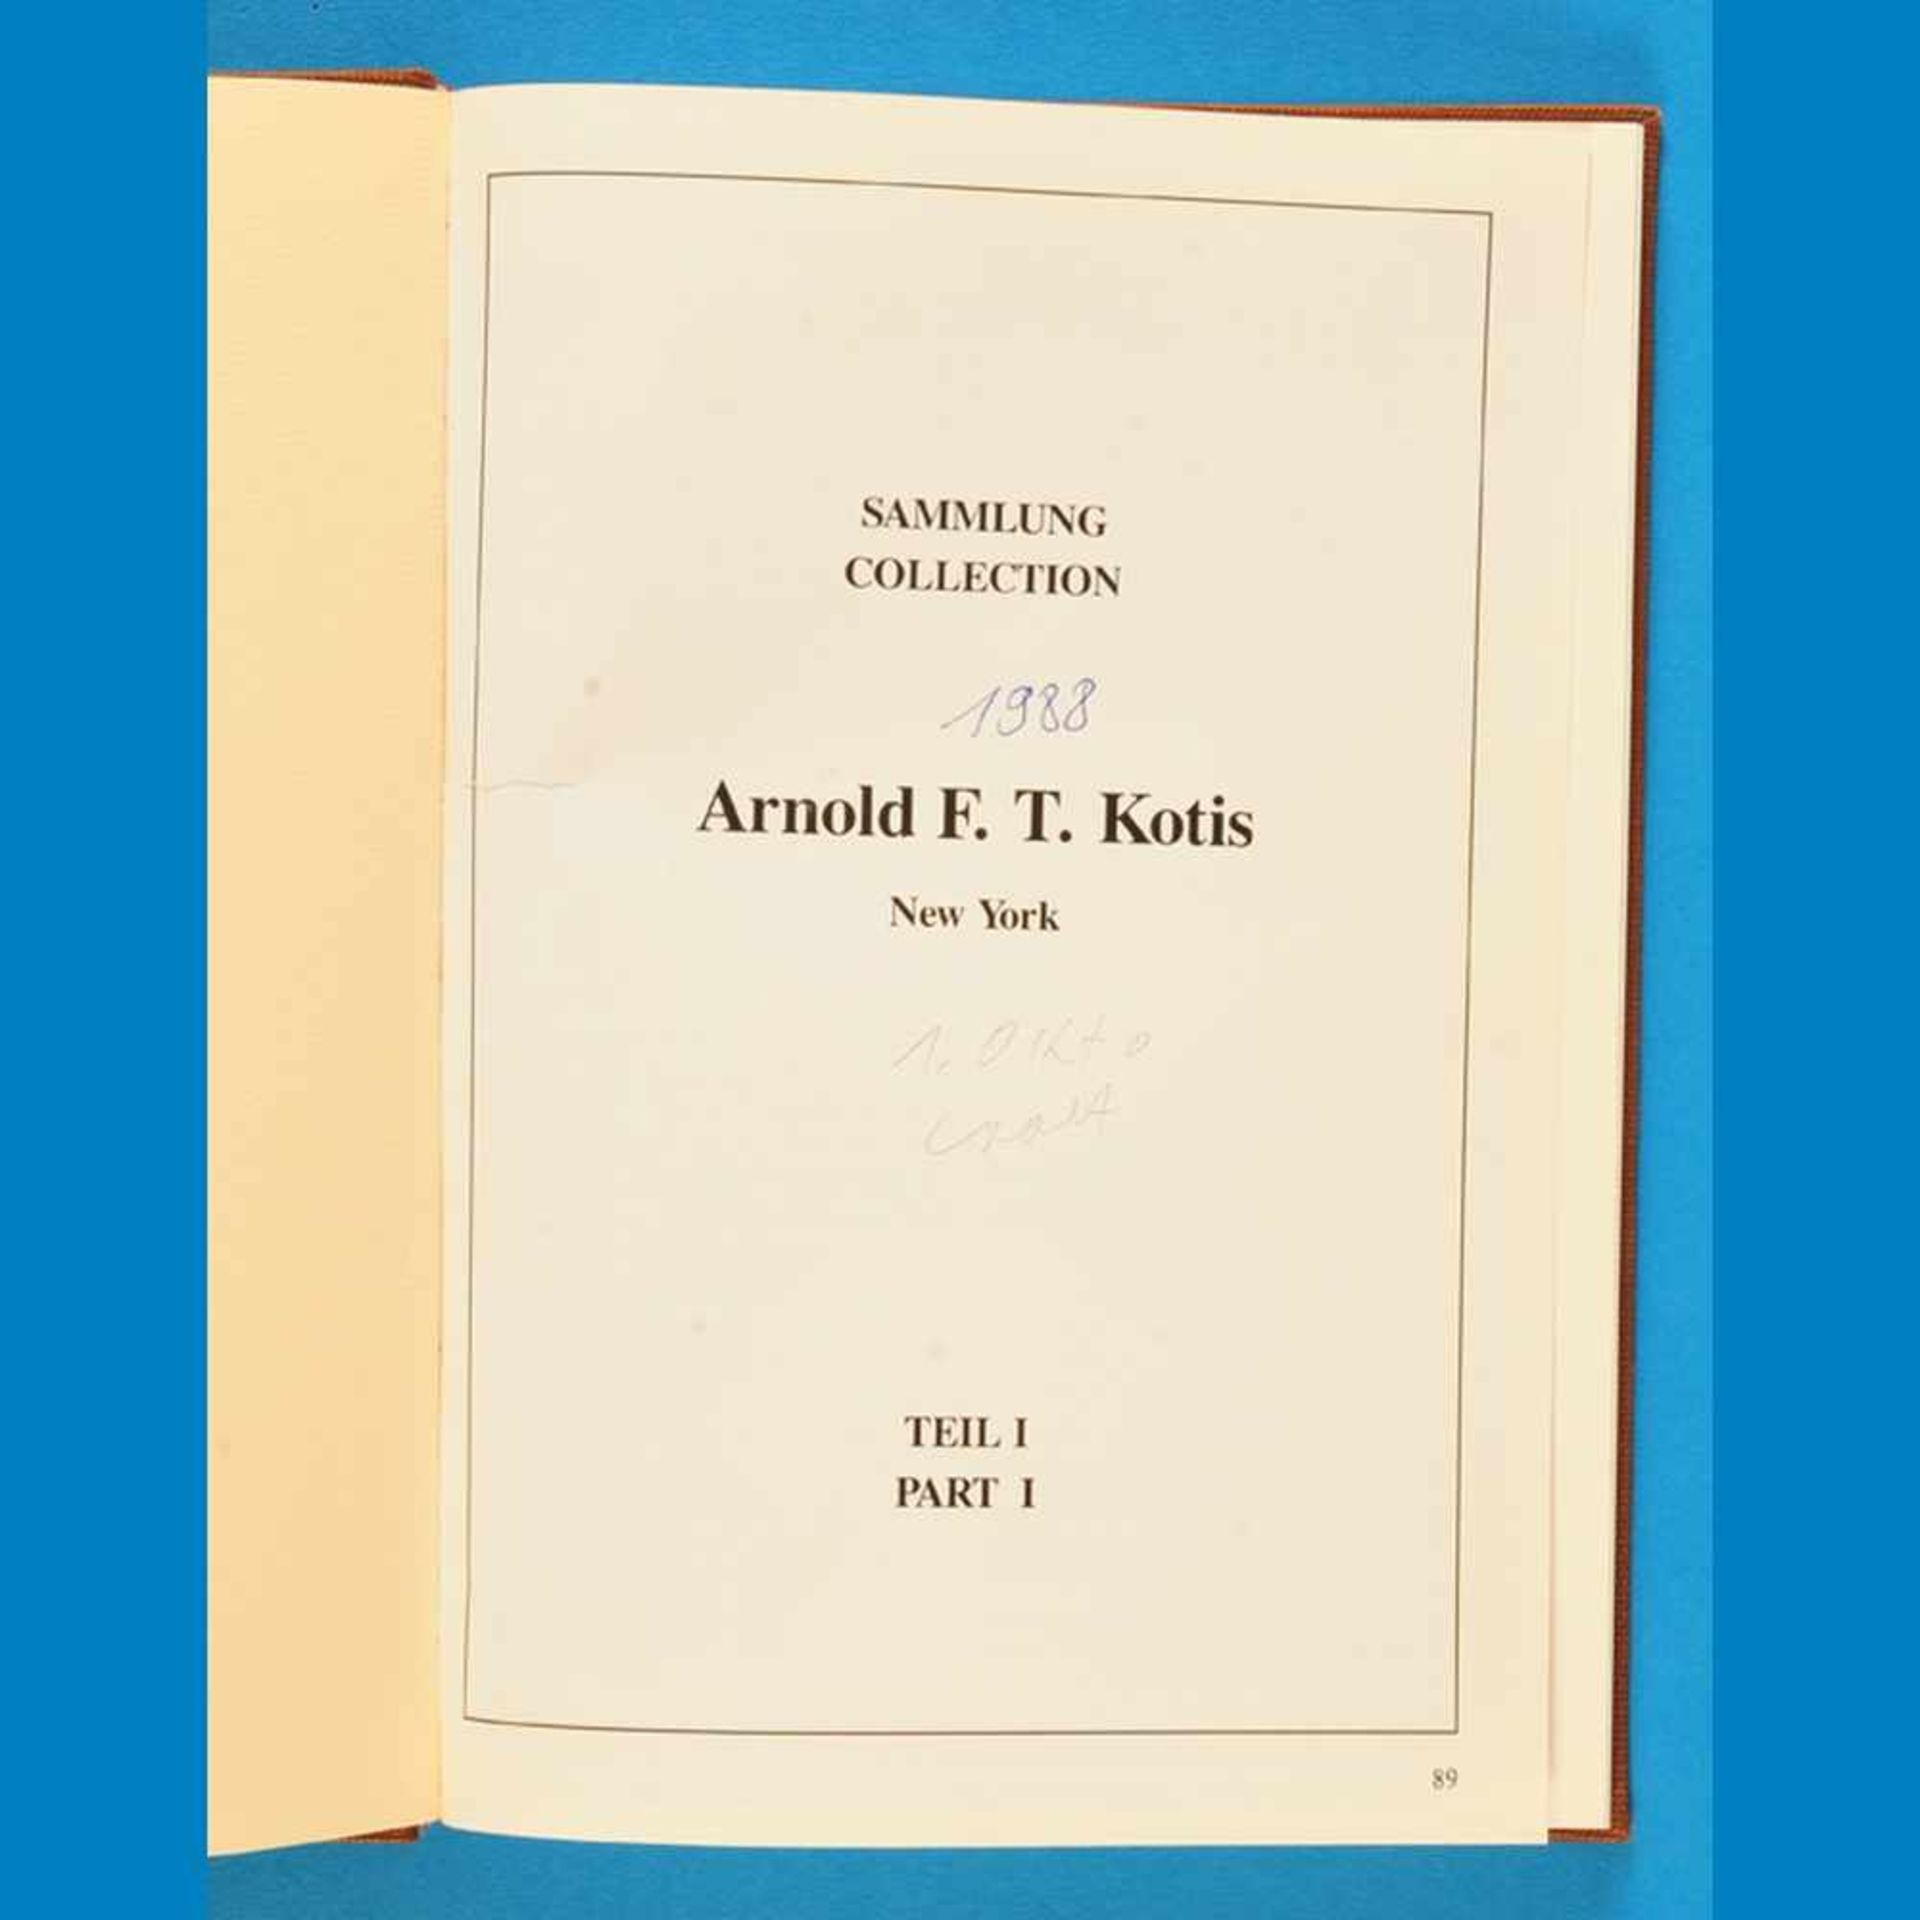 Sammlung Arnold F. T. Kotis, New York, 1988, Teil I und Teil II, gebundener Auktionskatalog mit 70